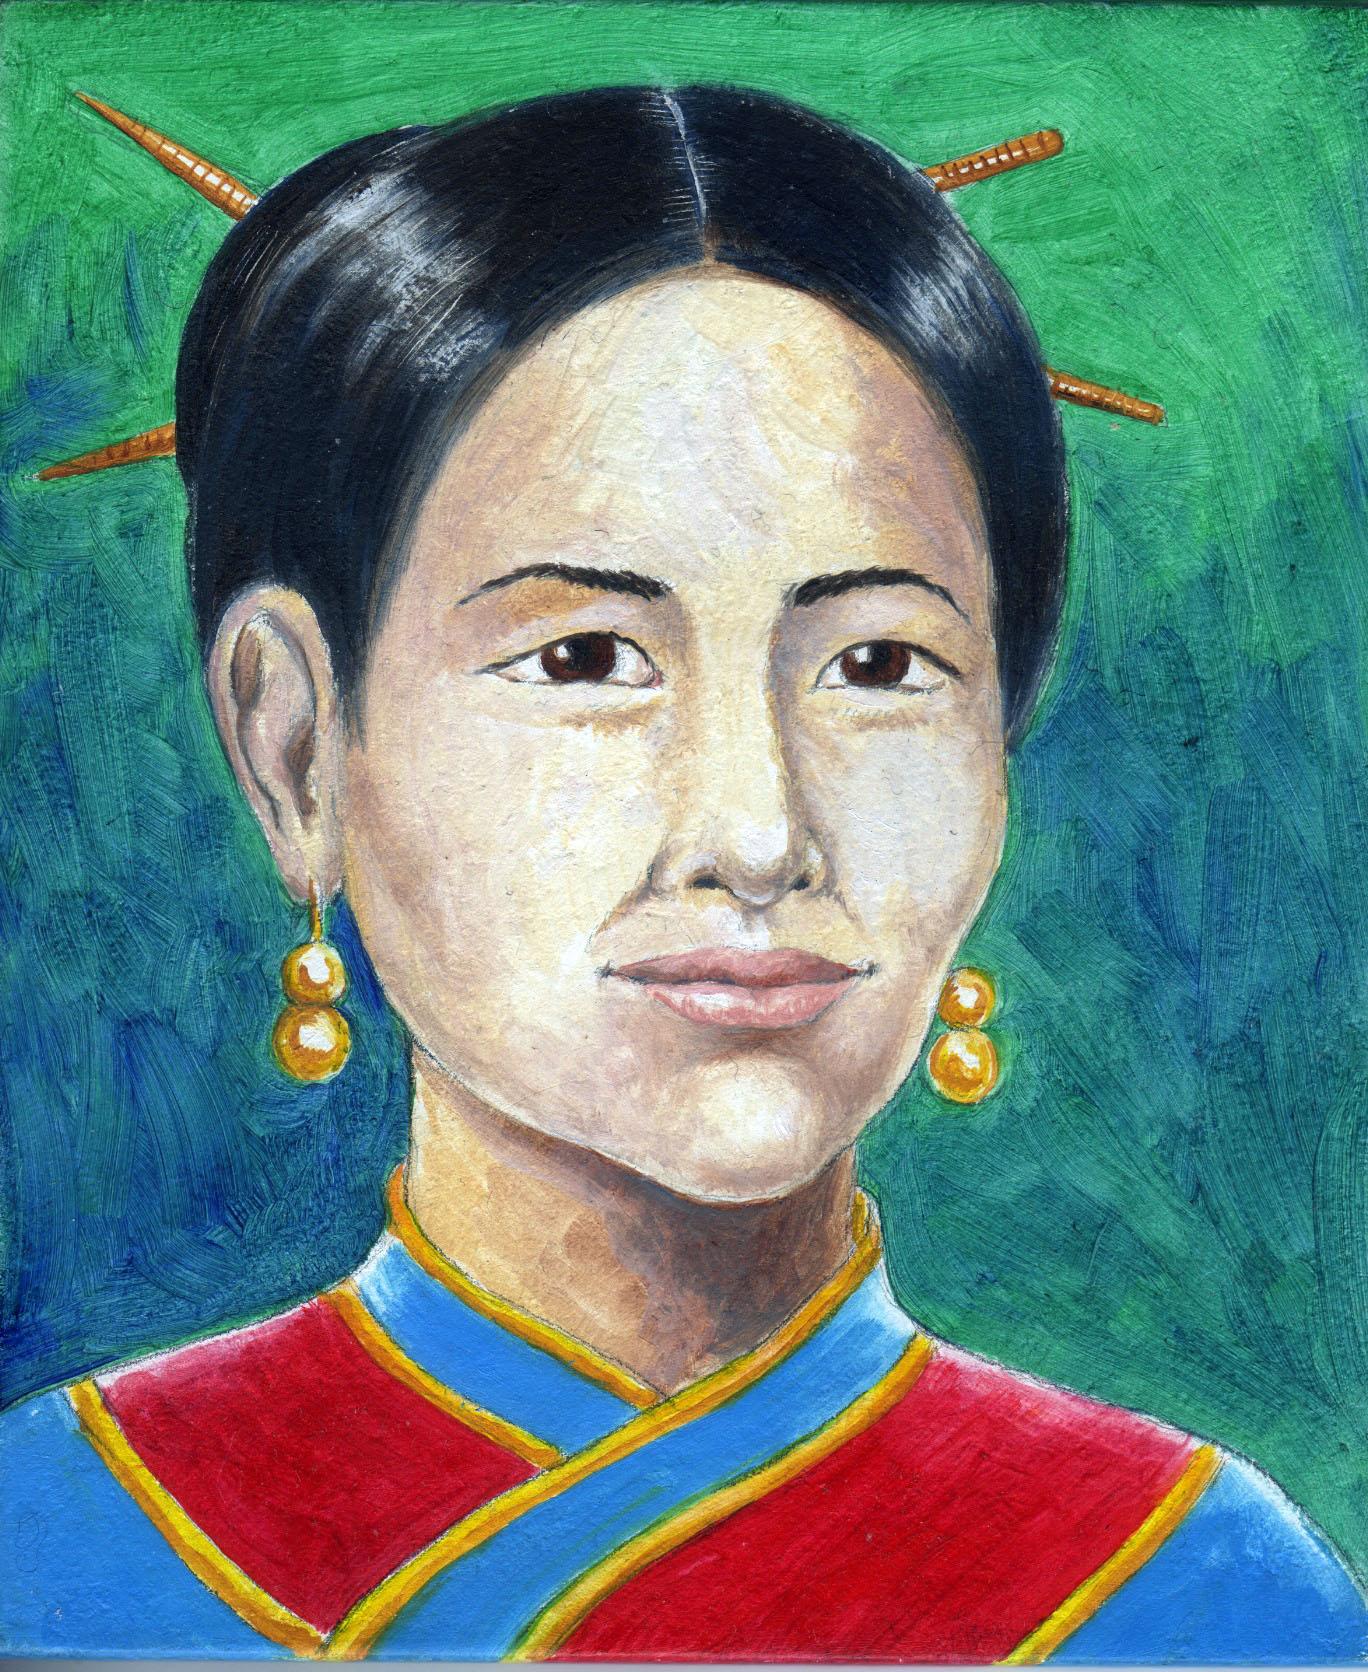 wang zhenyi: chi era